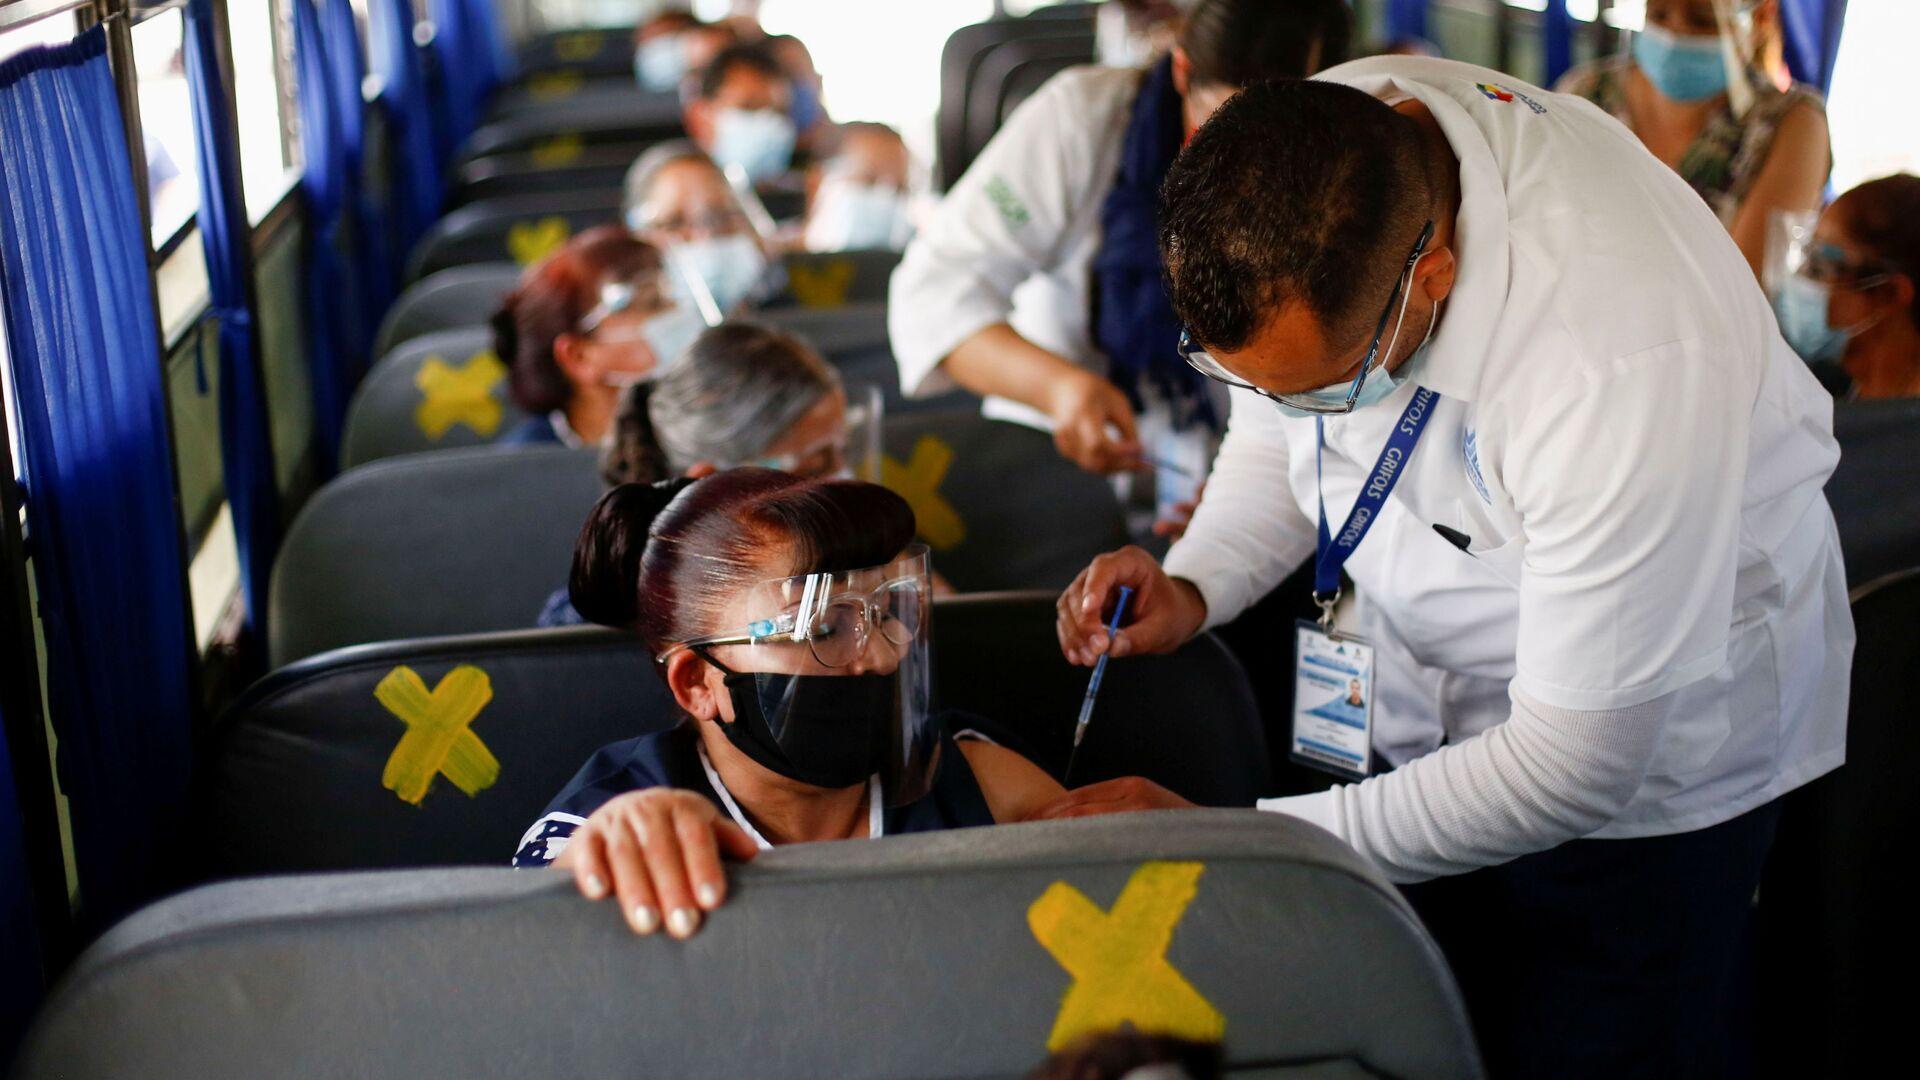 Сотрудники получают дозу вакцины от коронавируса Pfizer-BioNTech (COVID-19) в автобусе в Сьюдад-Хуарес, Мексика - Sputnik Латвия, 1920, 07.06.2021